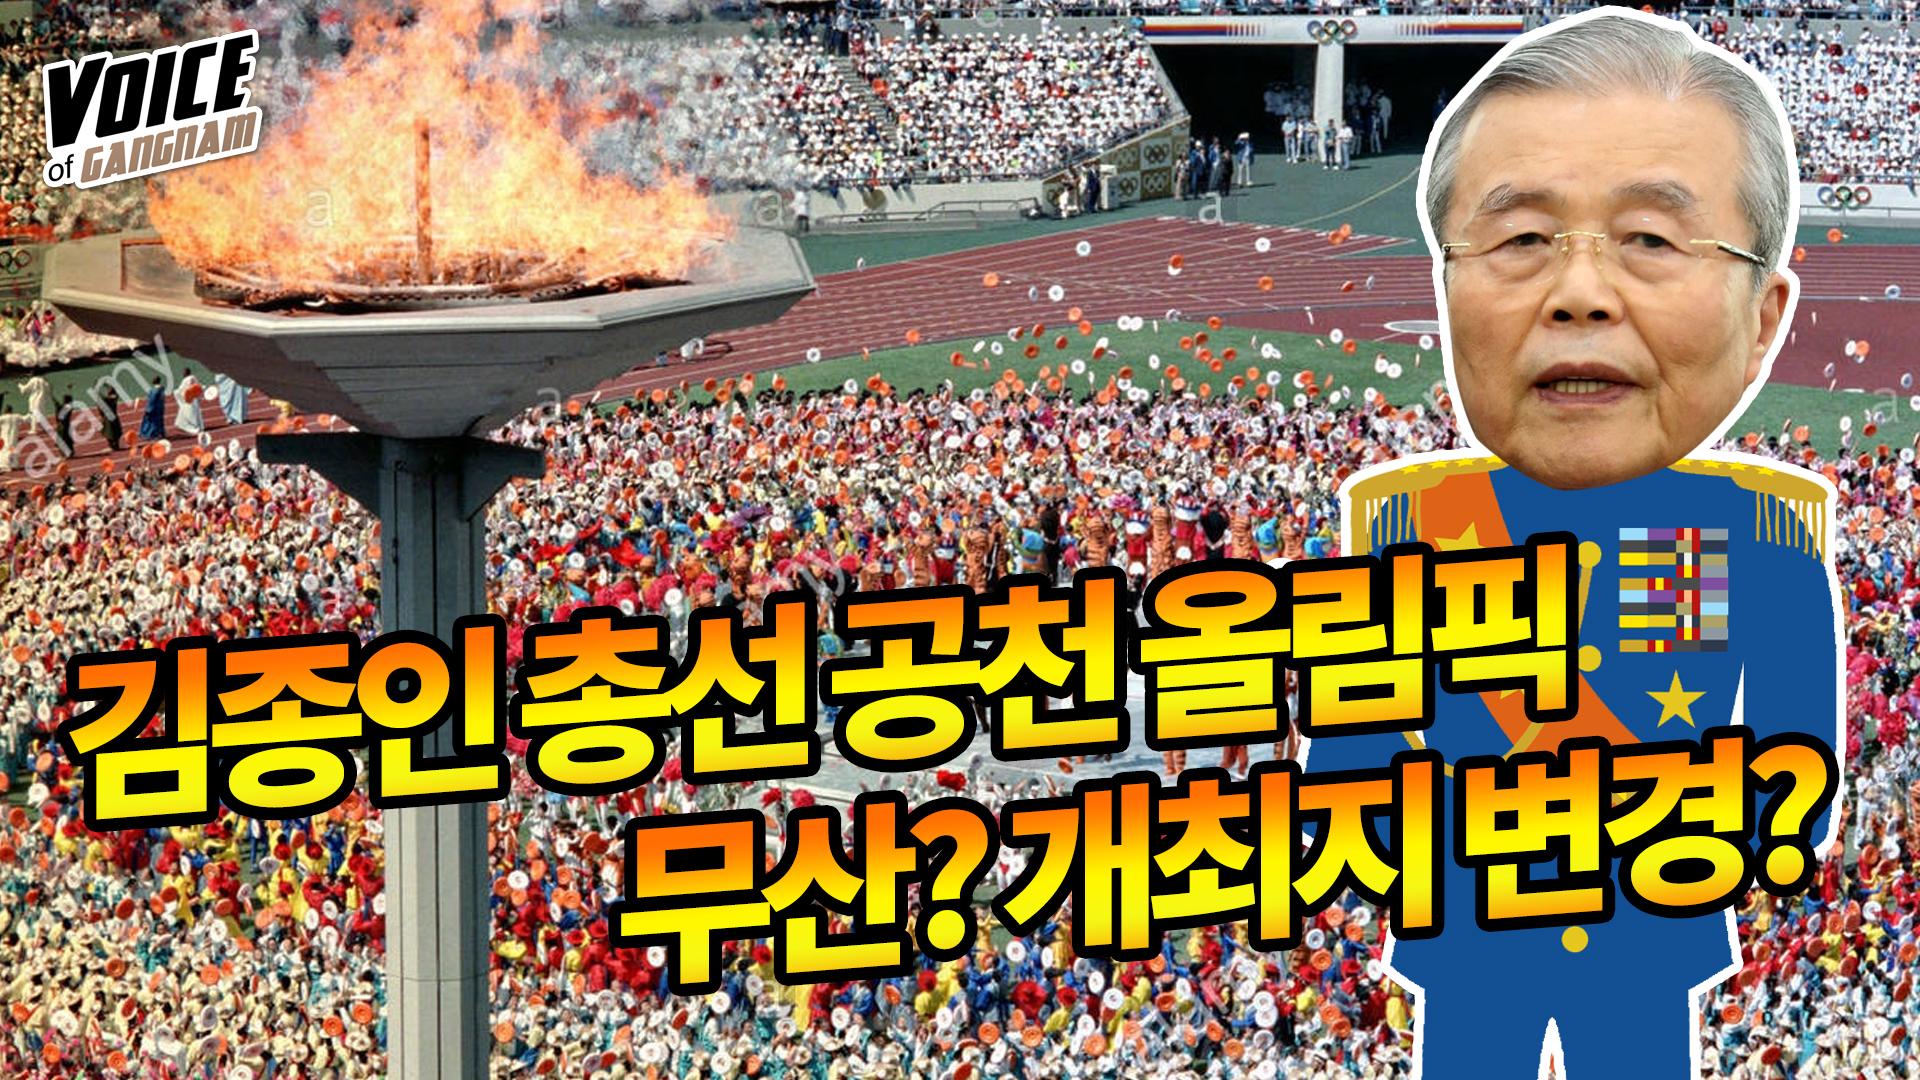 [패스추리tv]김종인도, 올림픽도 올해 무산? 강행?